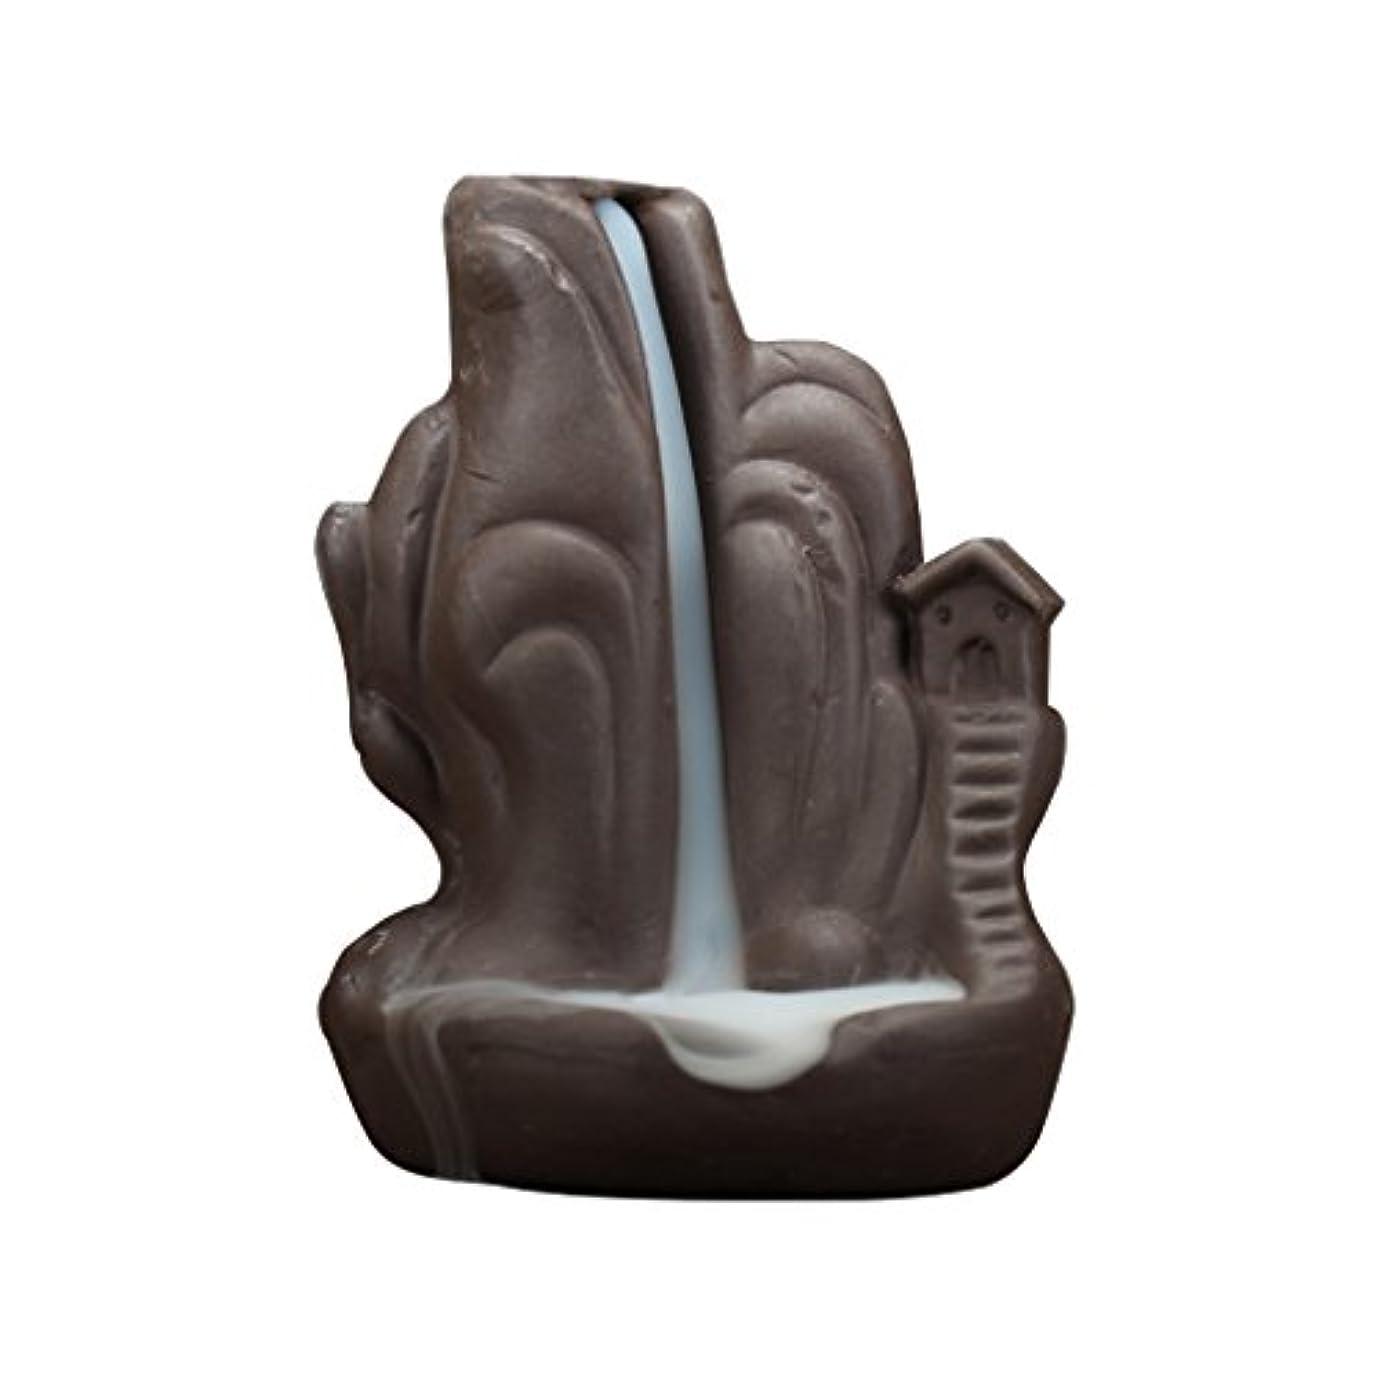 セールスマン石炭キャロラインFenteer 全4種 繊細 絶妙 デザイン 磁器 逆流香 香炉 仏壇 古典的 装飾   - 2#